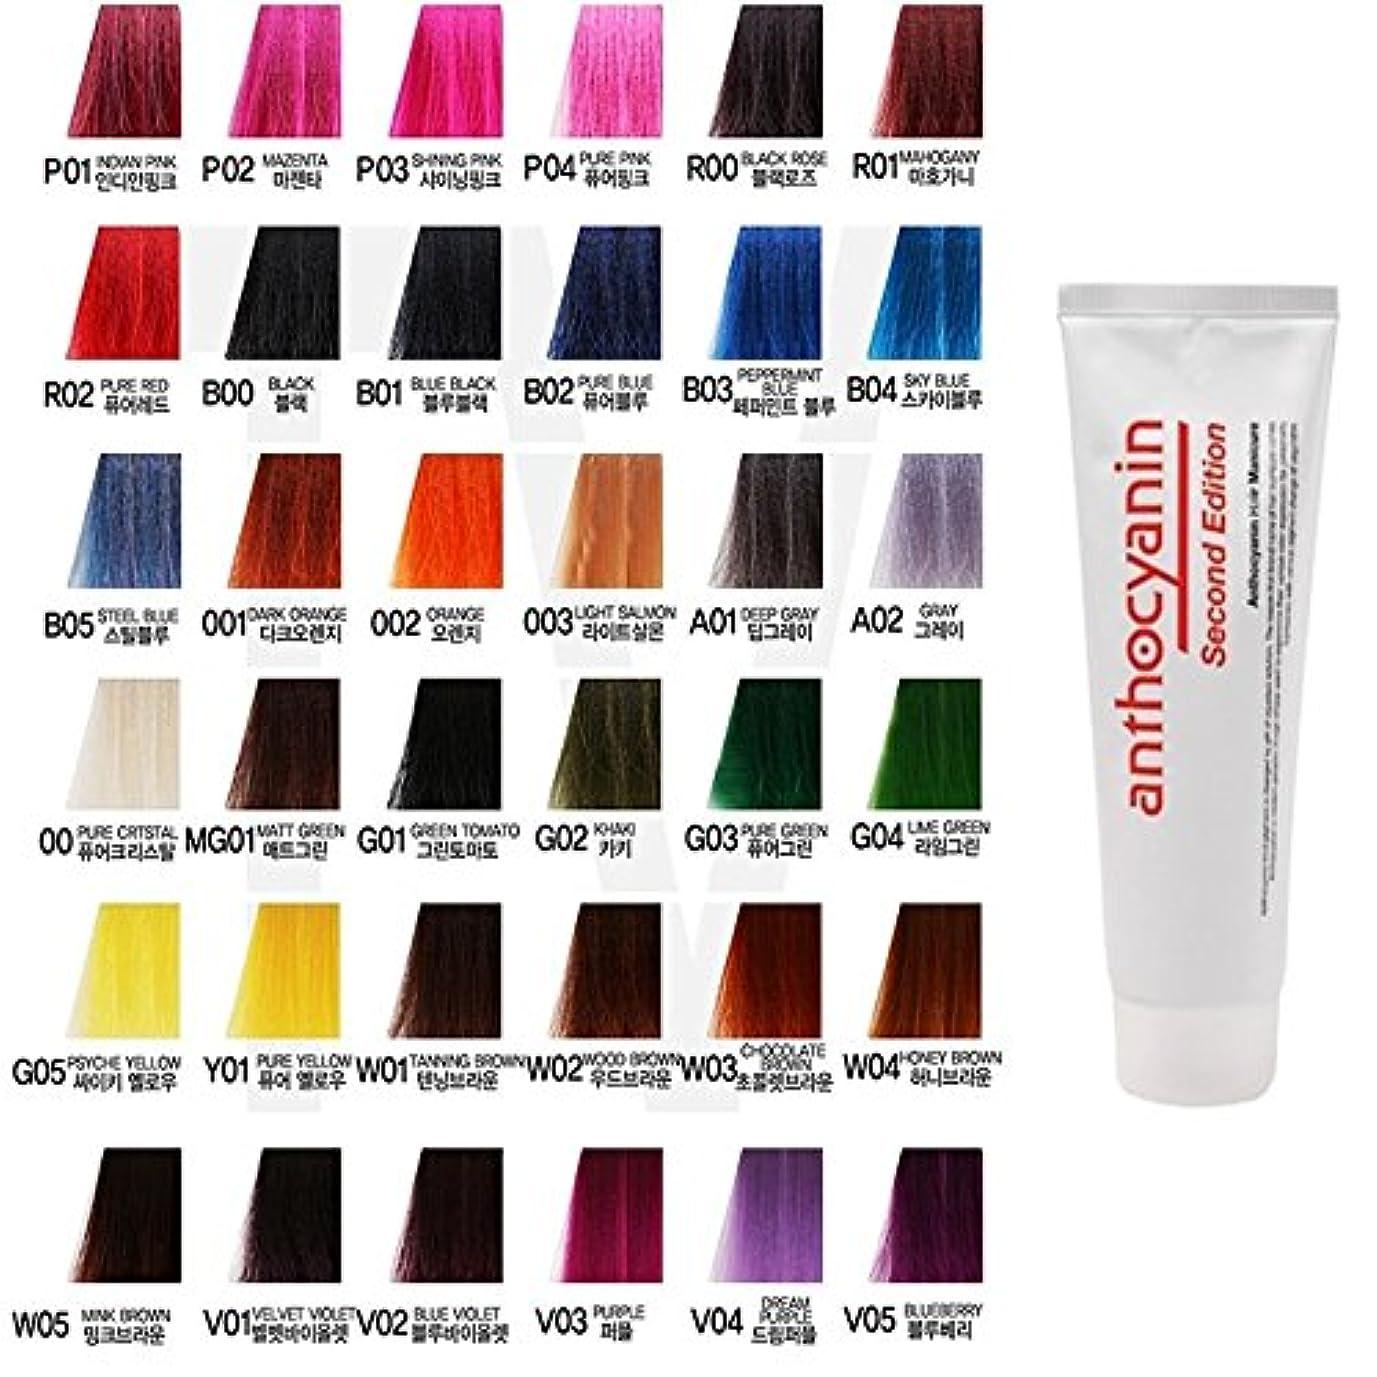 キャベツ著作権テスピアンヘア マニキュア カラー セカンド エディション 230g セミ パーマネント 染毛剤 (Hair Manicure Color Second Edition 230g Semi Permanent Hair Dye) [並行輸入品] (G14 Psyche Lime)